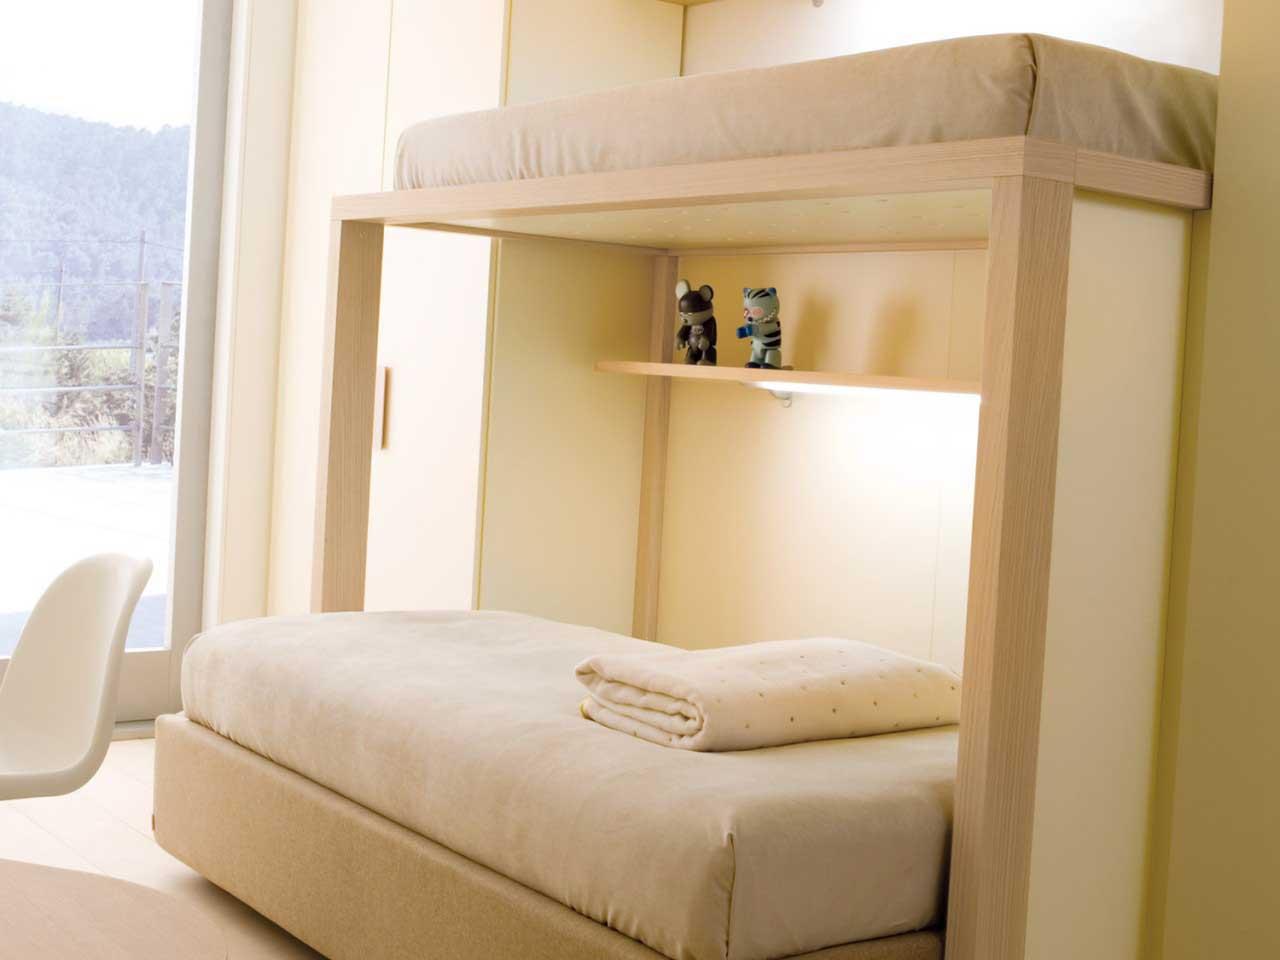 Maison moderne construction l 39 utilitaire de lits superpos s - Lit superpose moderne ...